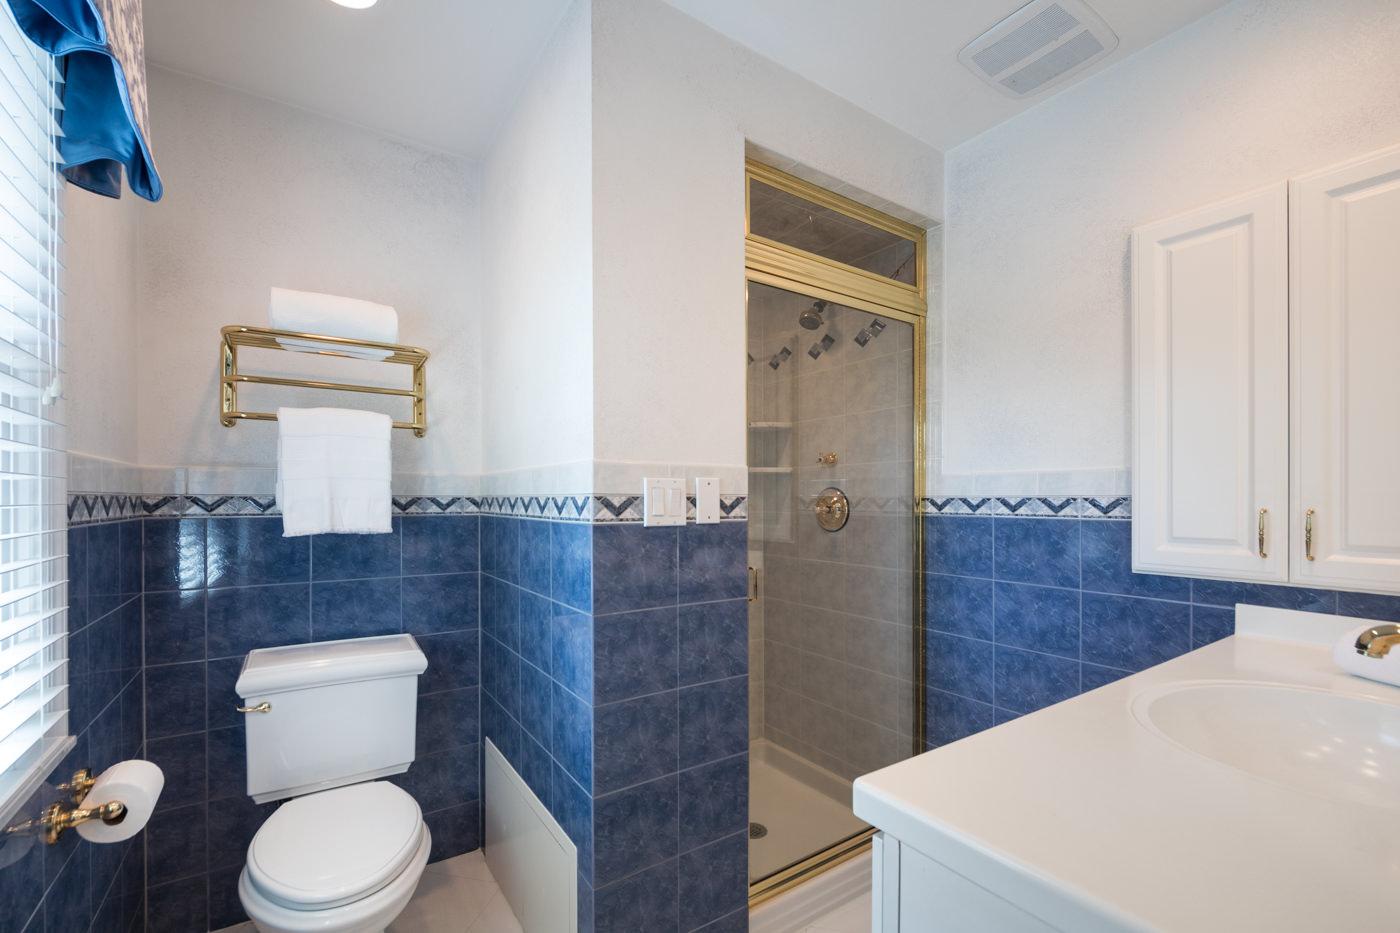 1042 Ledgewood Rd, Mountainside, NJ 07092 - Sue Adler, Realtor